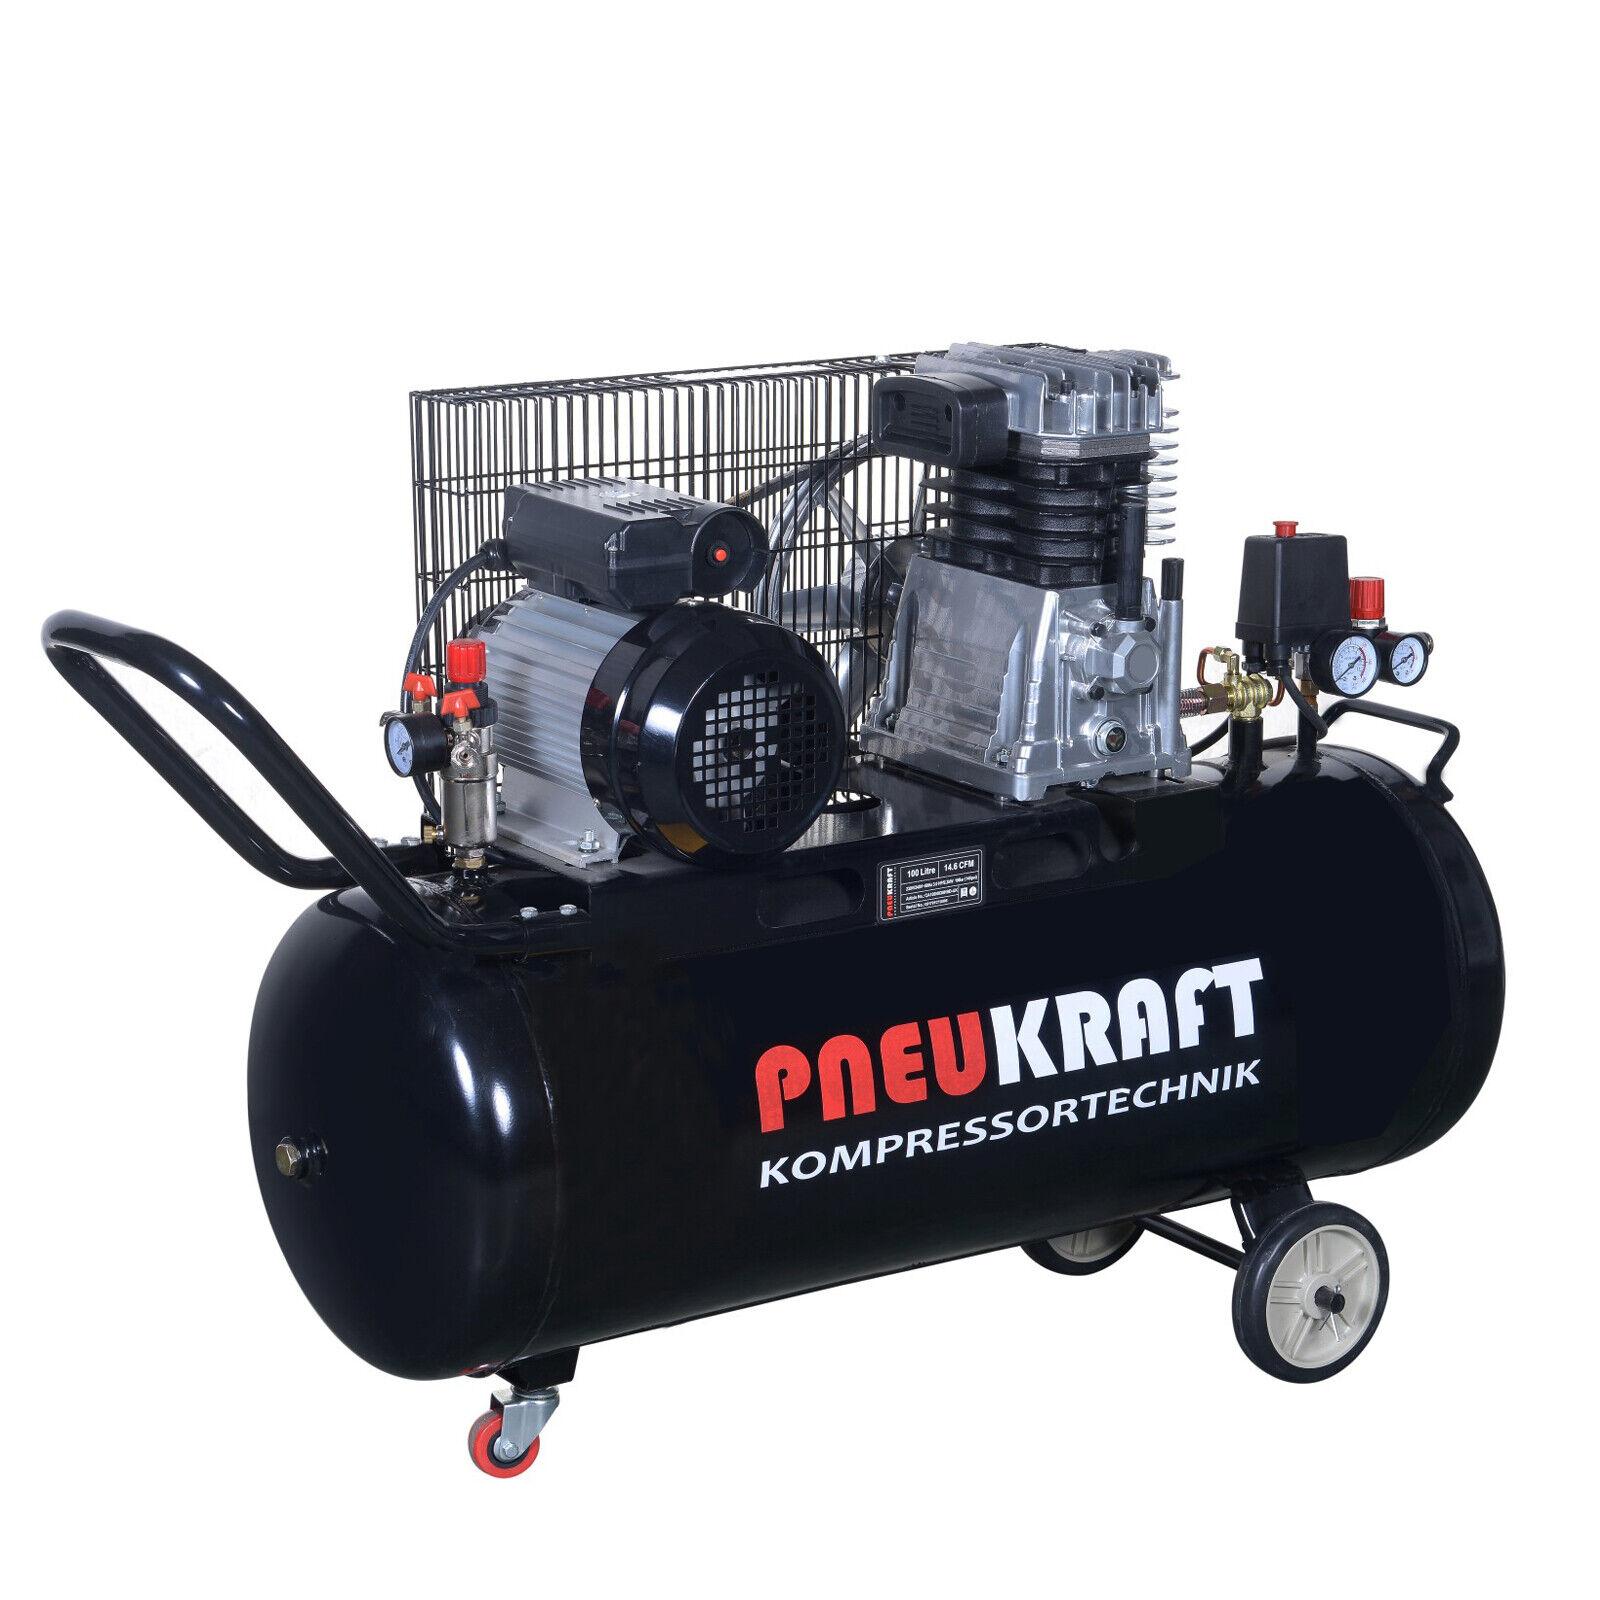 druckluft kompressor 100l pneukraft luftkompressor 2. Black Bedroom Furniture Sets. Home Design Ideas